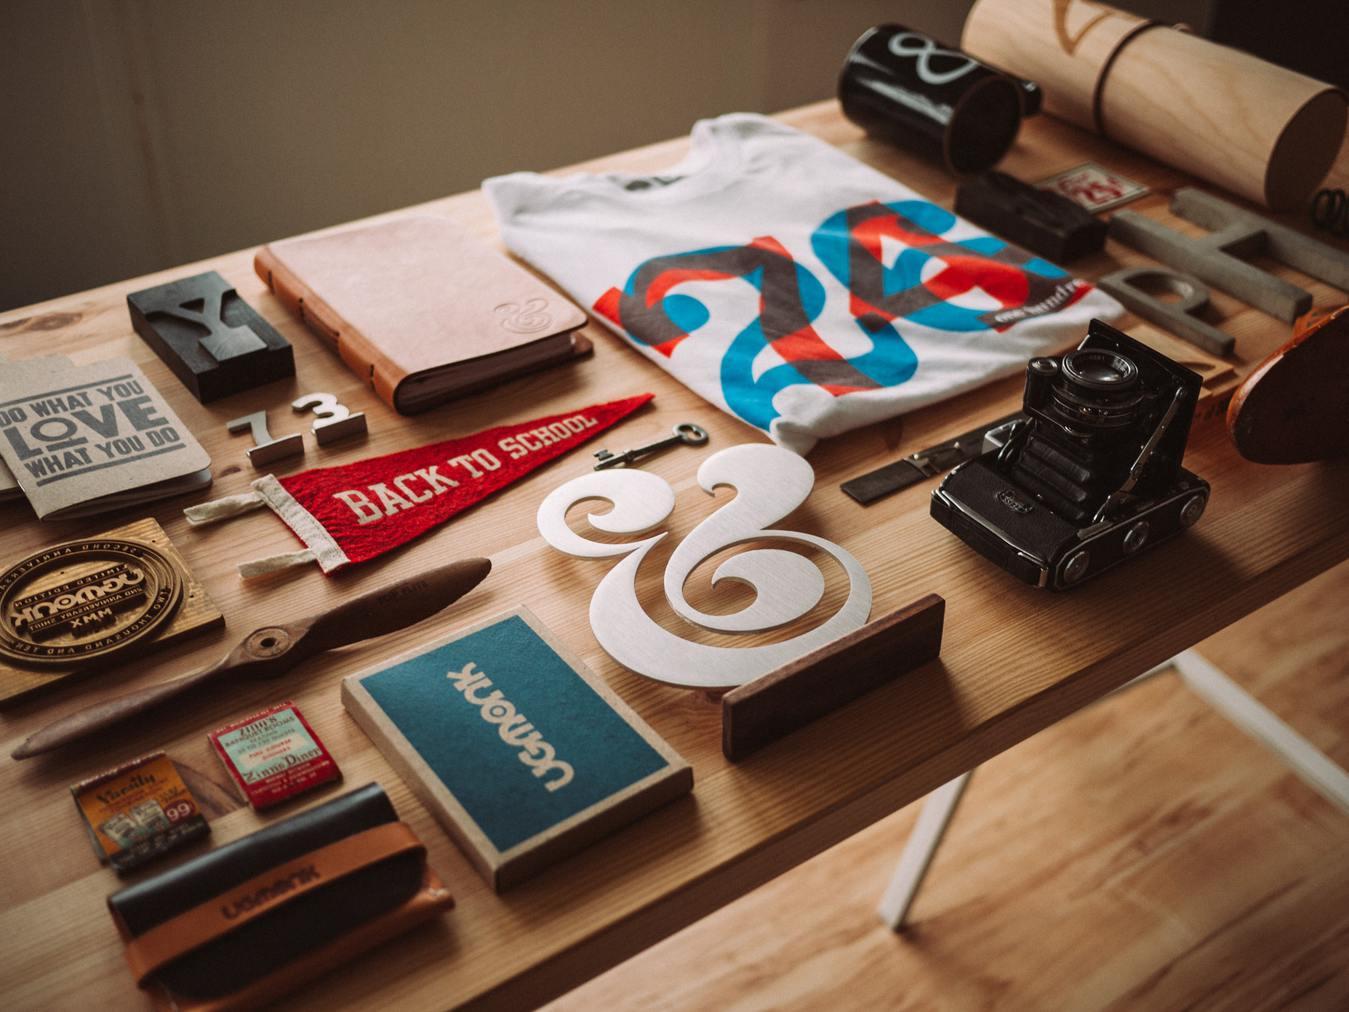 Berbagai produk di atas meja kayu